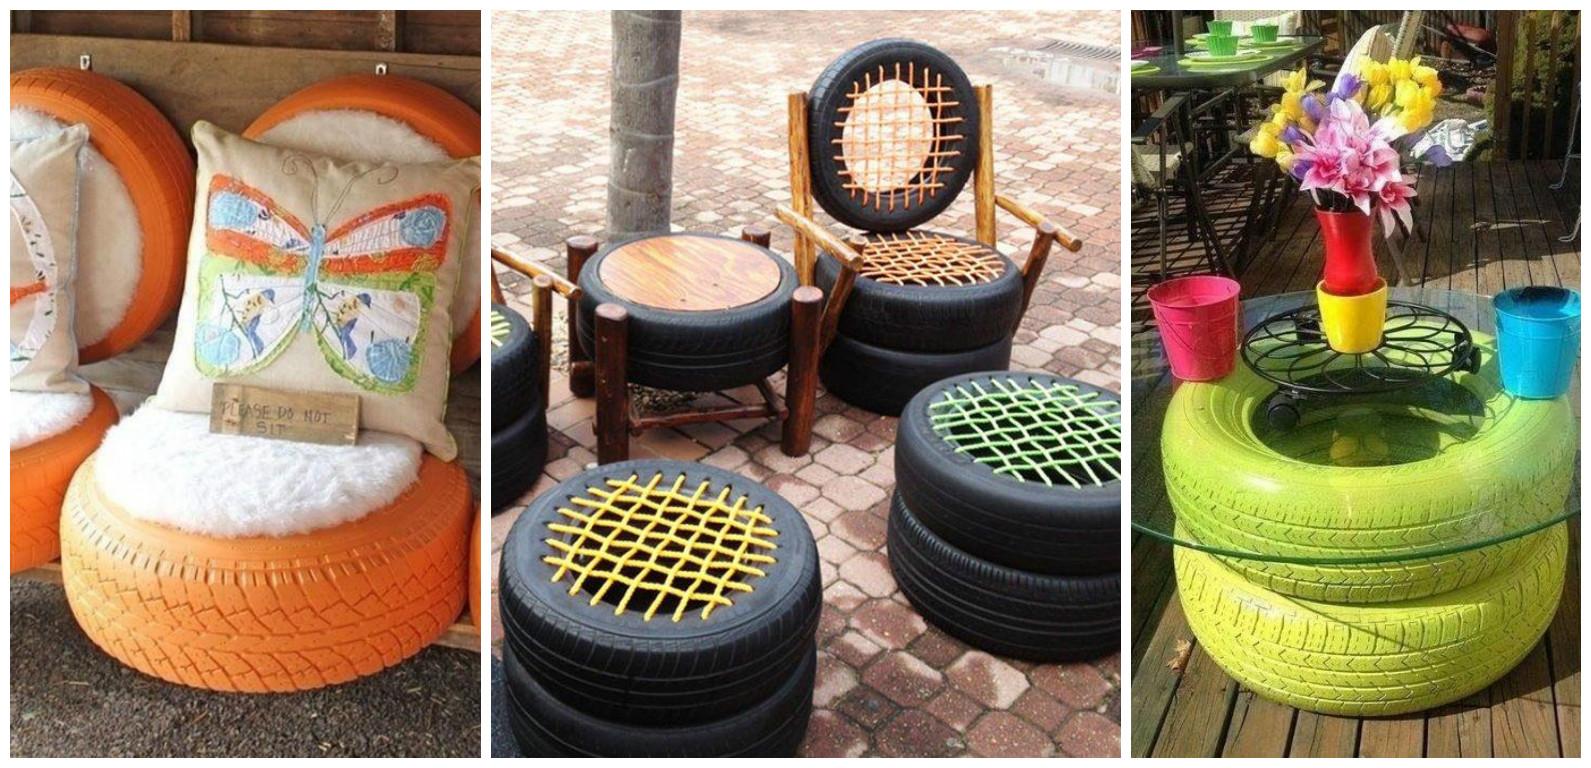 10 ideas incre bles para reciclar llantas viejas de autos for Ideas para decorar el jardin con llantas